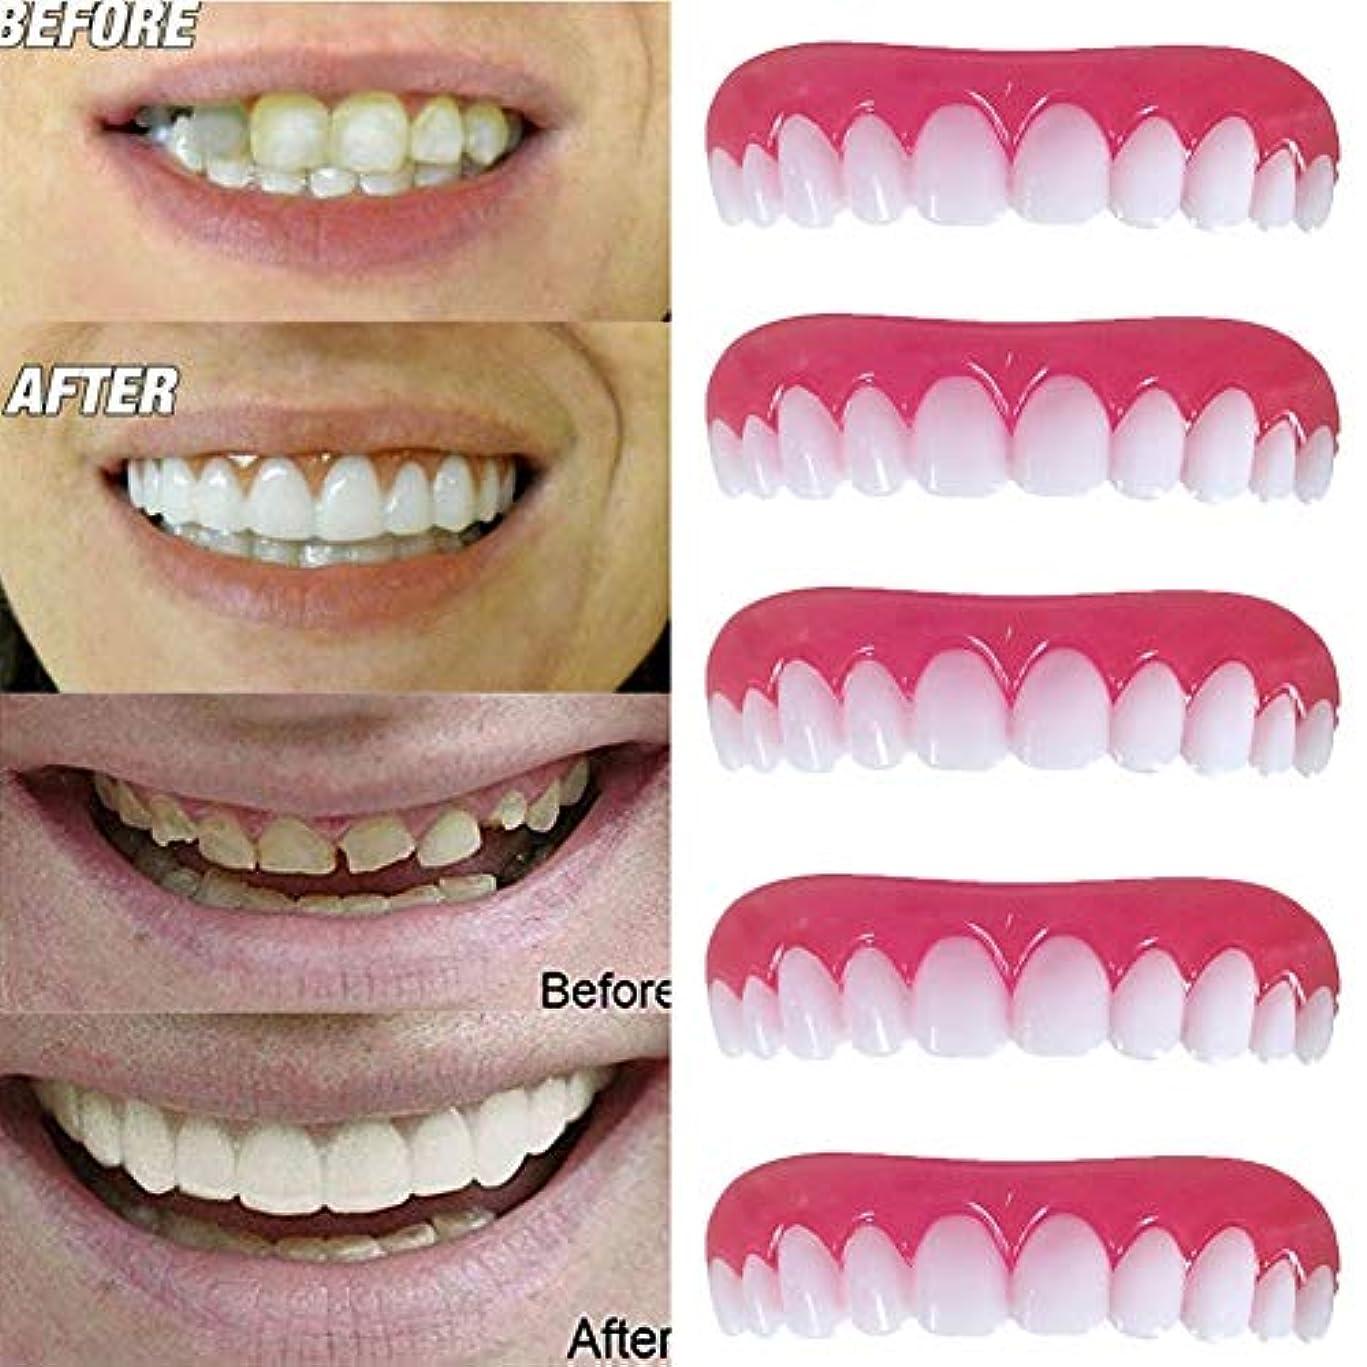 急流無効にする合併症義歯化粧品歯、5個美容歯科ボタンアメージングスマイル快適な柔らかい歯科突き板歯科化粧品ステッカー